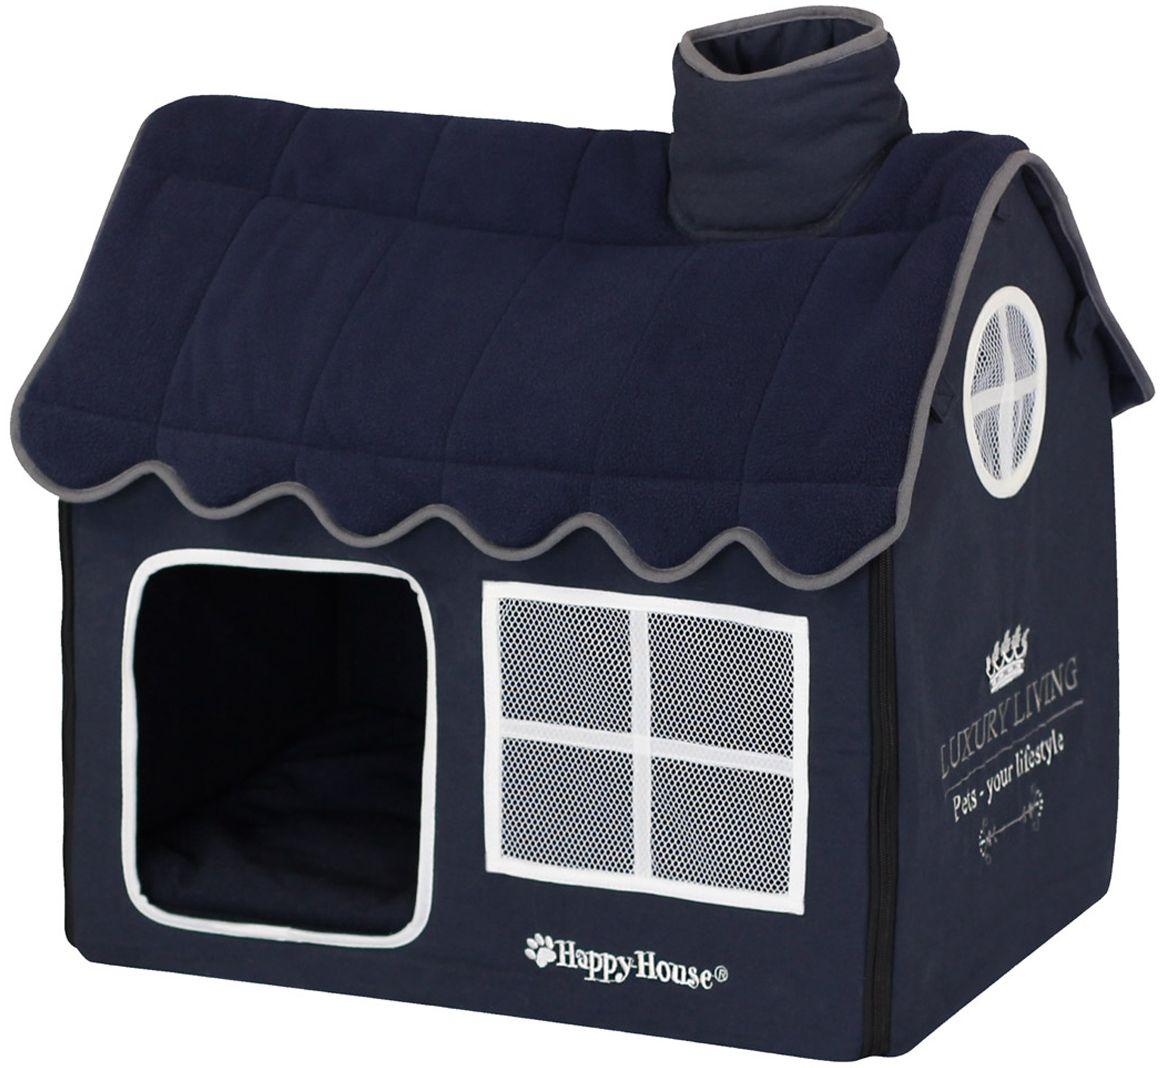 Домик для домашних животных Happy House Luxsury Living, цвет: темно-синий, 52 х 36 х 49 см12171996Большой, уютный домик Happy House Luxsury Living, выполненный из полиэстера и картона, отлично подойдет для вашего любимца. Такой домик станет не только идеальным местом для сна вашего питомца, но и местом для отдыха. Внутрь домика ведет квадратное отверстие. Мягкий домик с оригинальным дизайном имеет сборную конструкцию, что облегчит его транспортировку и хранение. Внутри имеется съемная подушка.Подушку можно стирать при 30°С.Размер домика: 52 х 36 х 49 см.